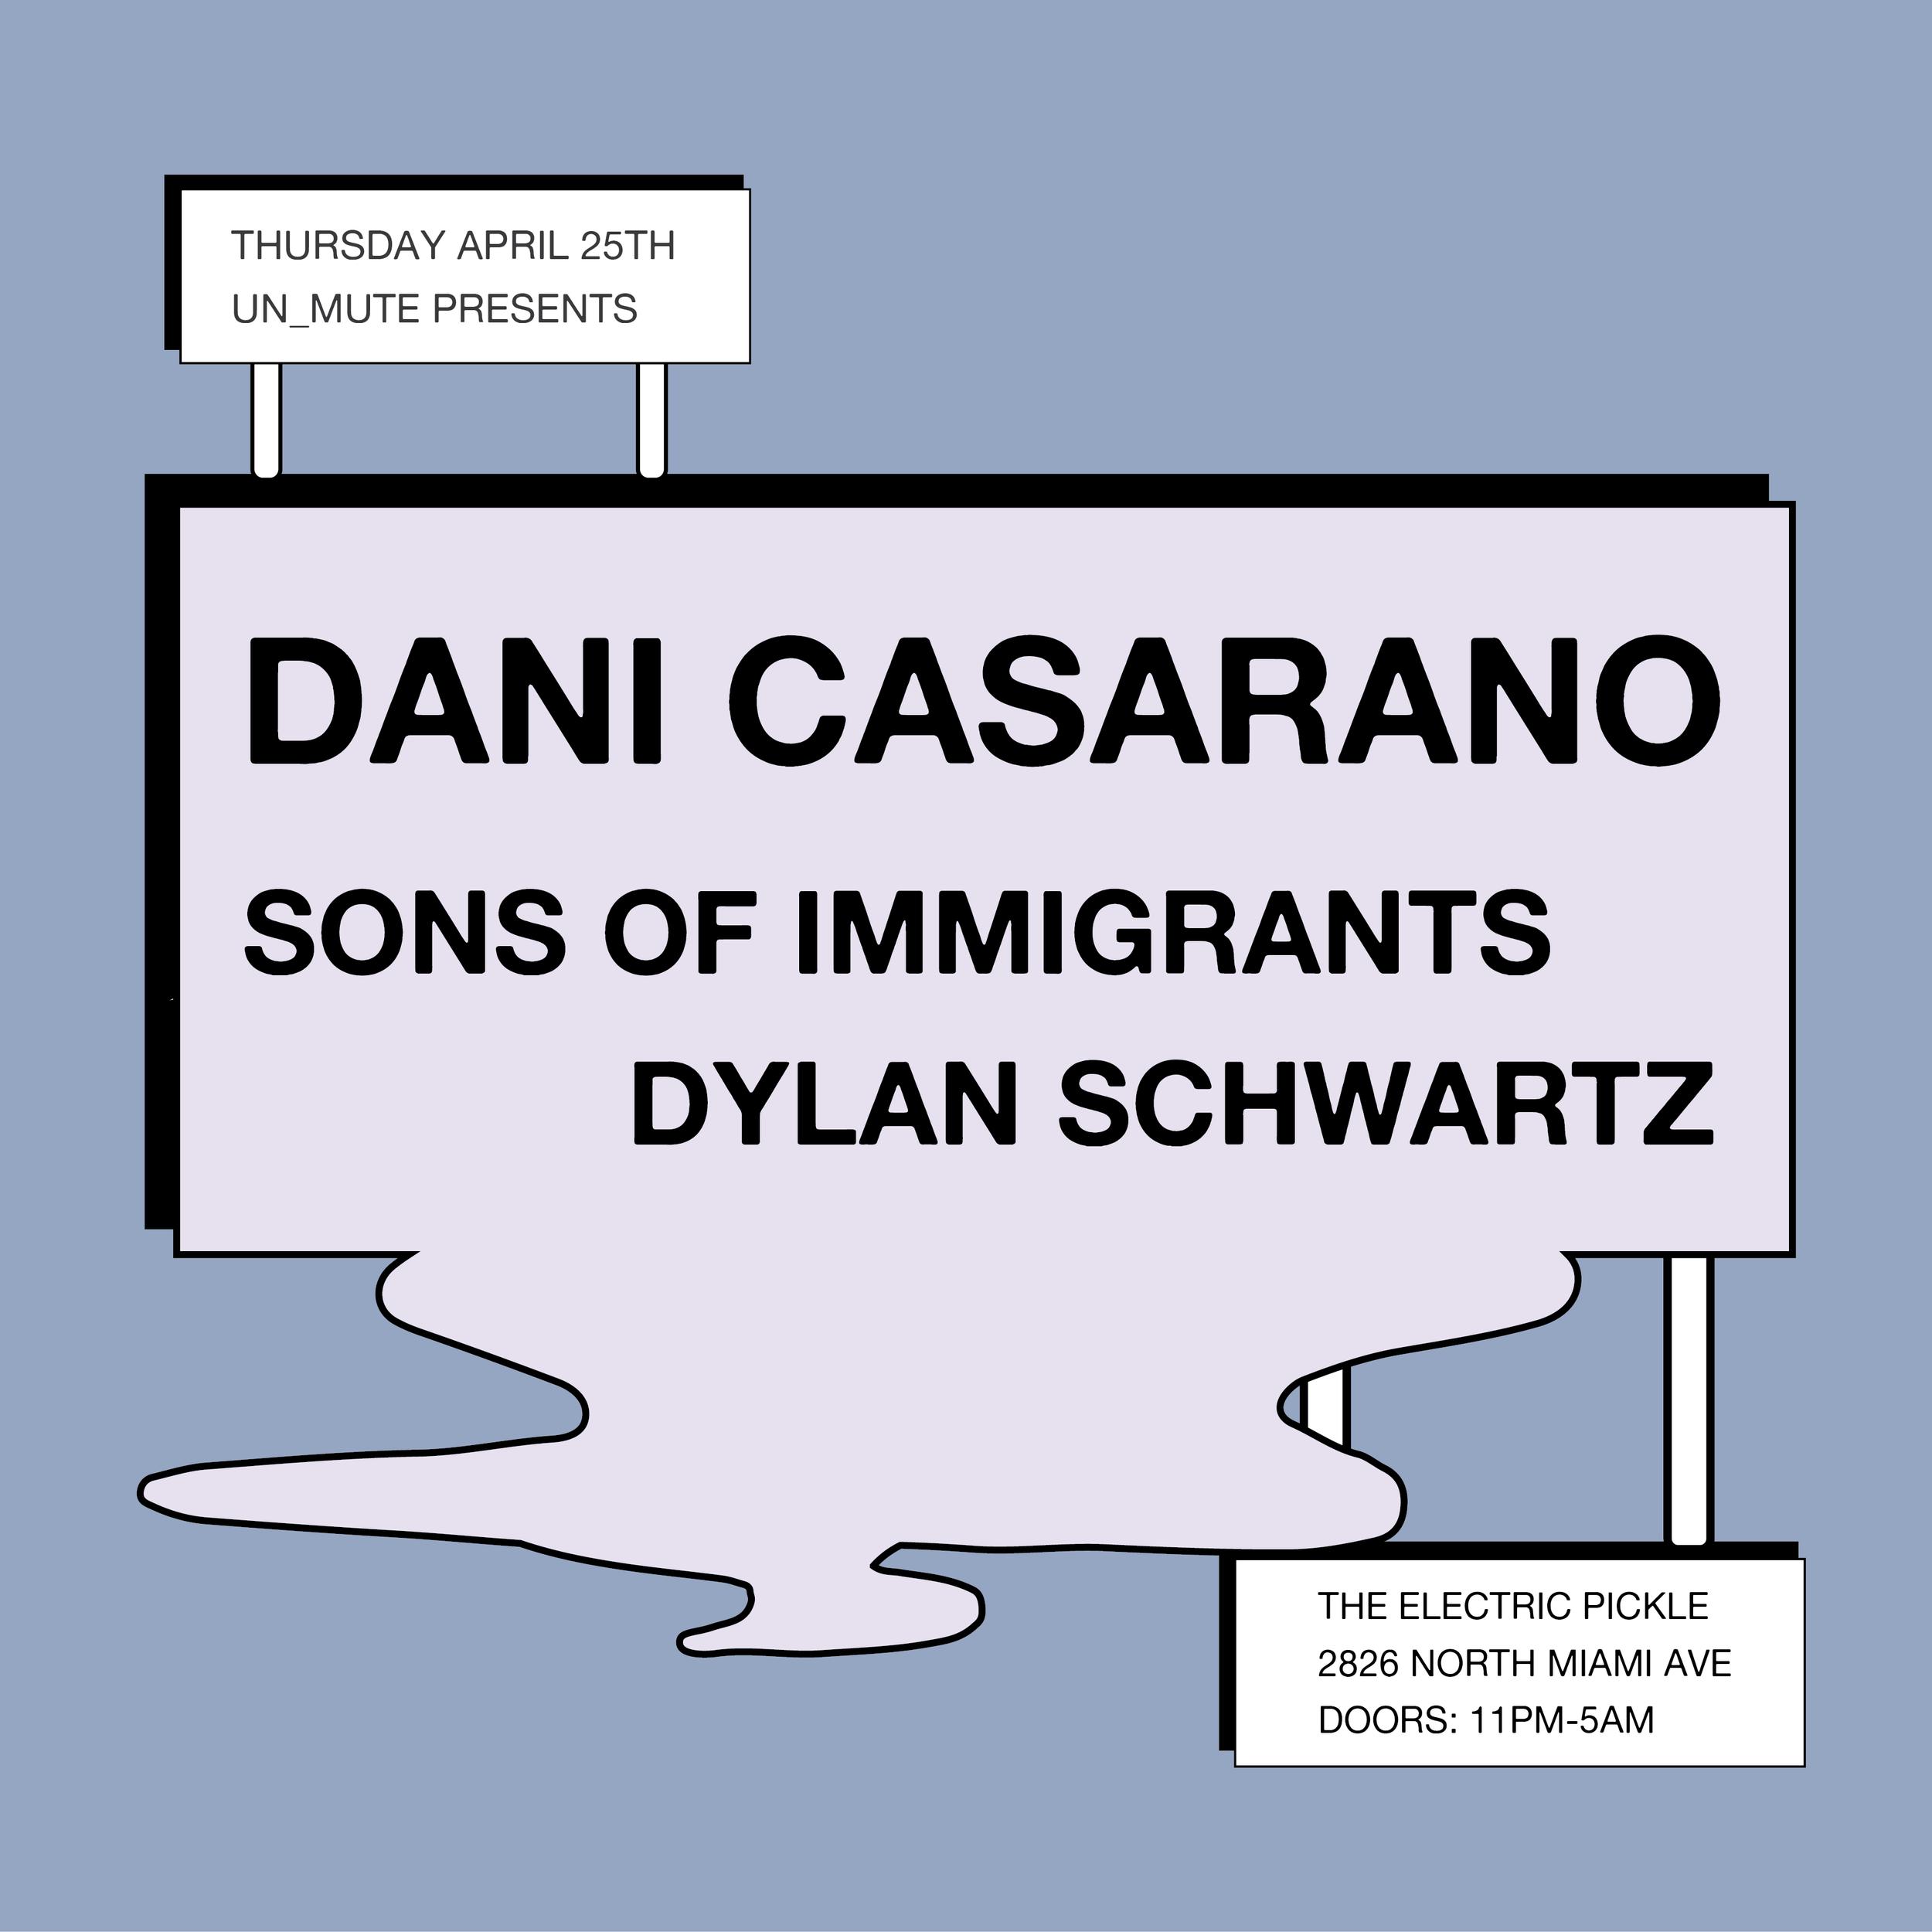 Dani_Casarano-01.png